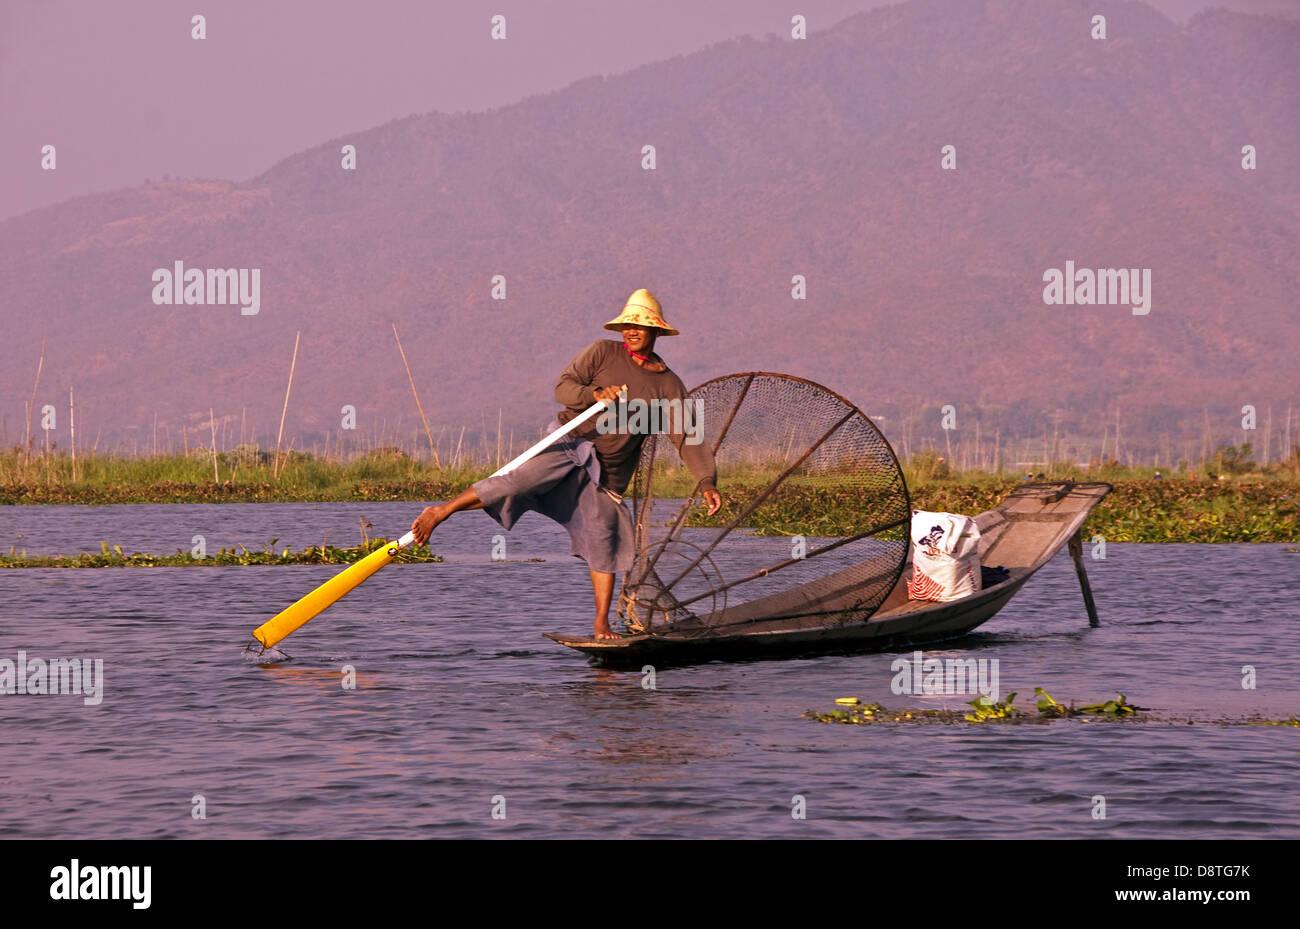 Lake Inle leg-rower with fishing net, Shan State, Myanmar - Stock Image